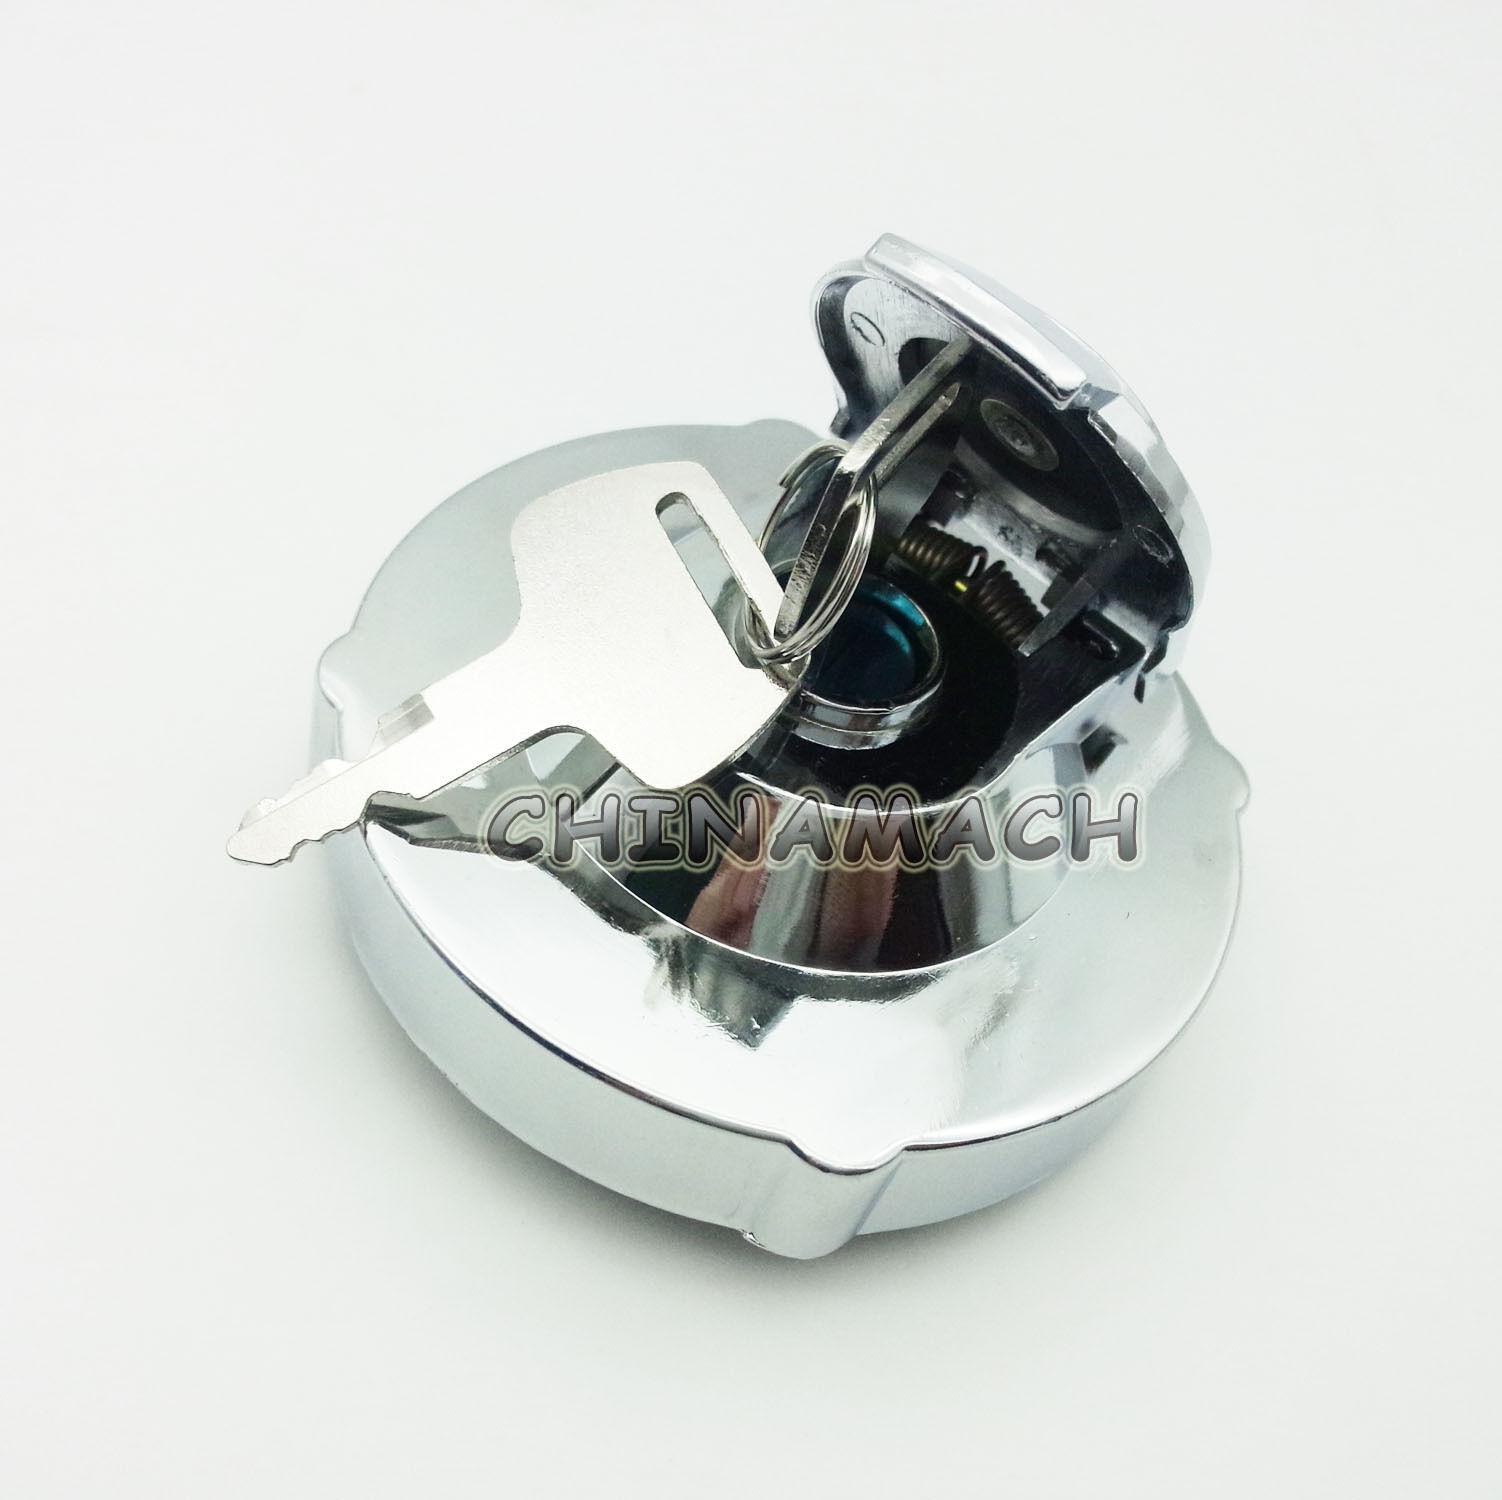 Locking Fuel Cap two keys 172122-14300 For  Yanmar YB45 YB50 Excavator